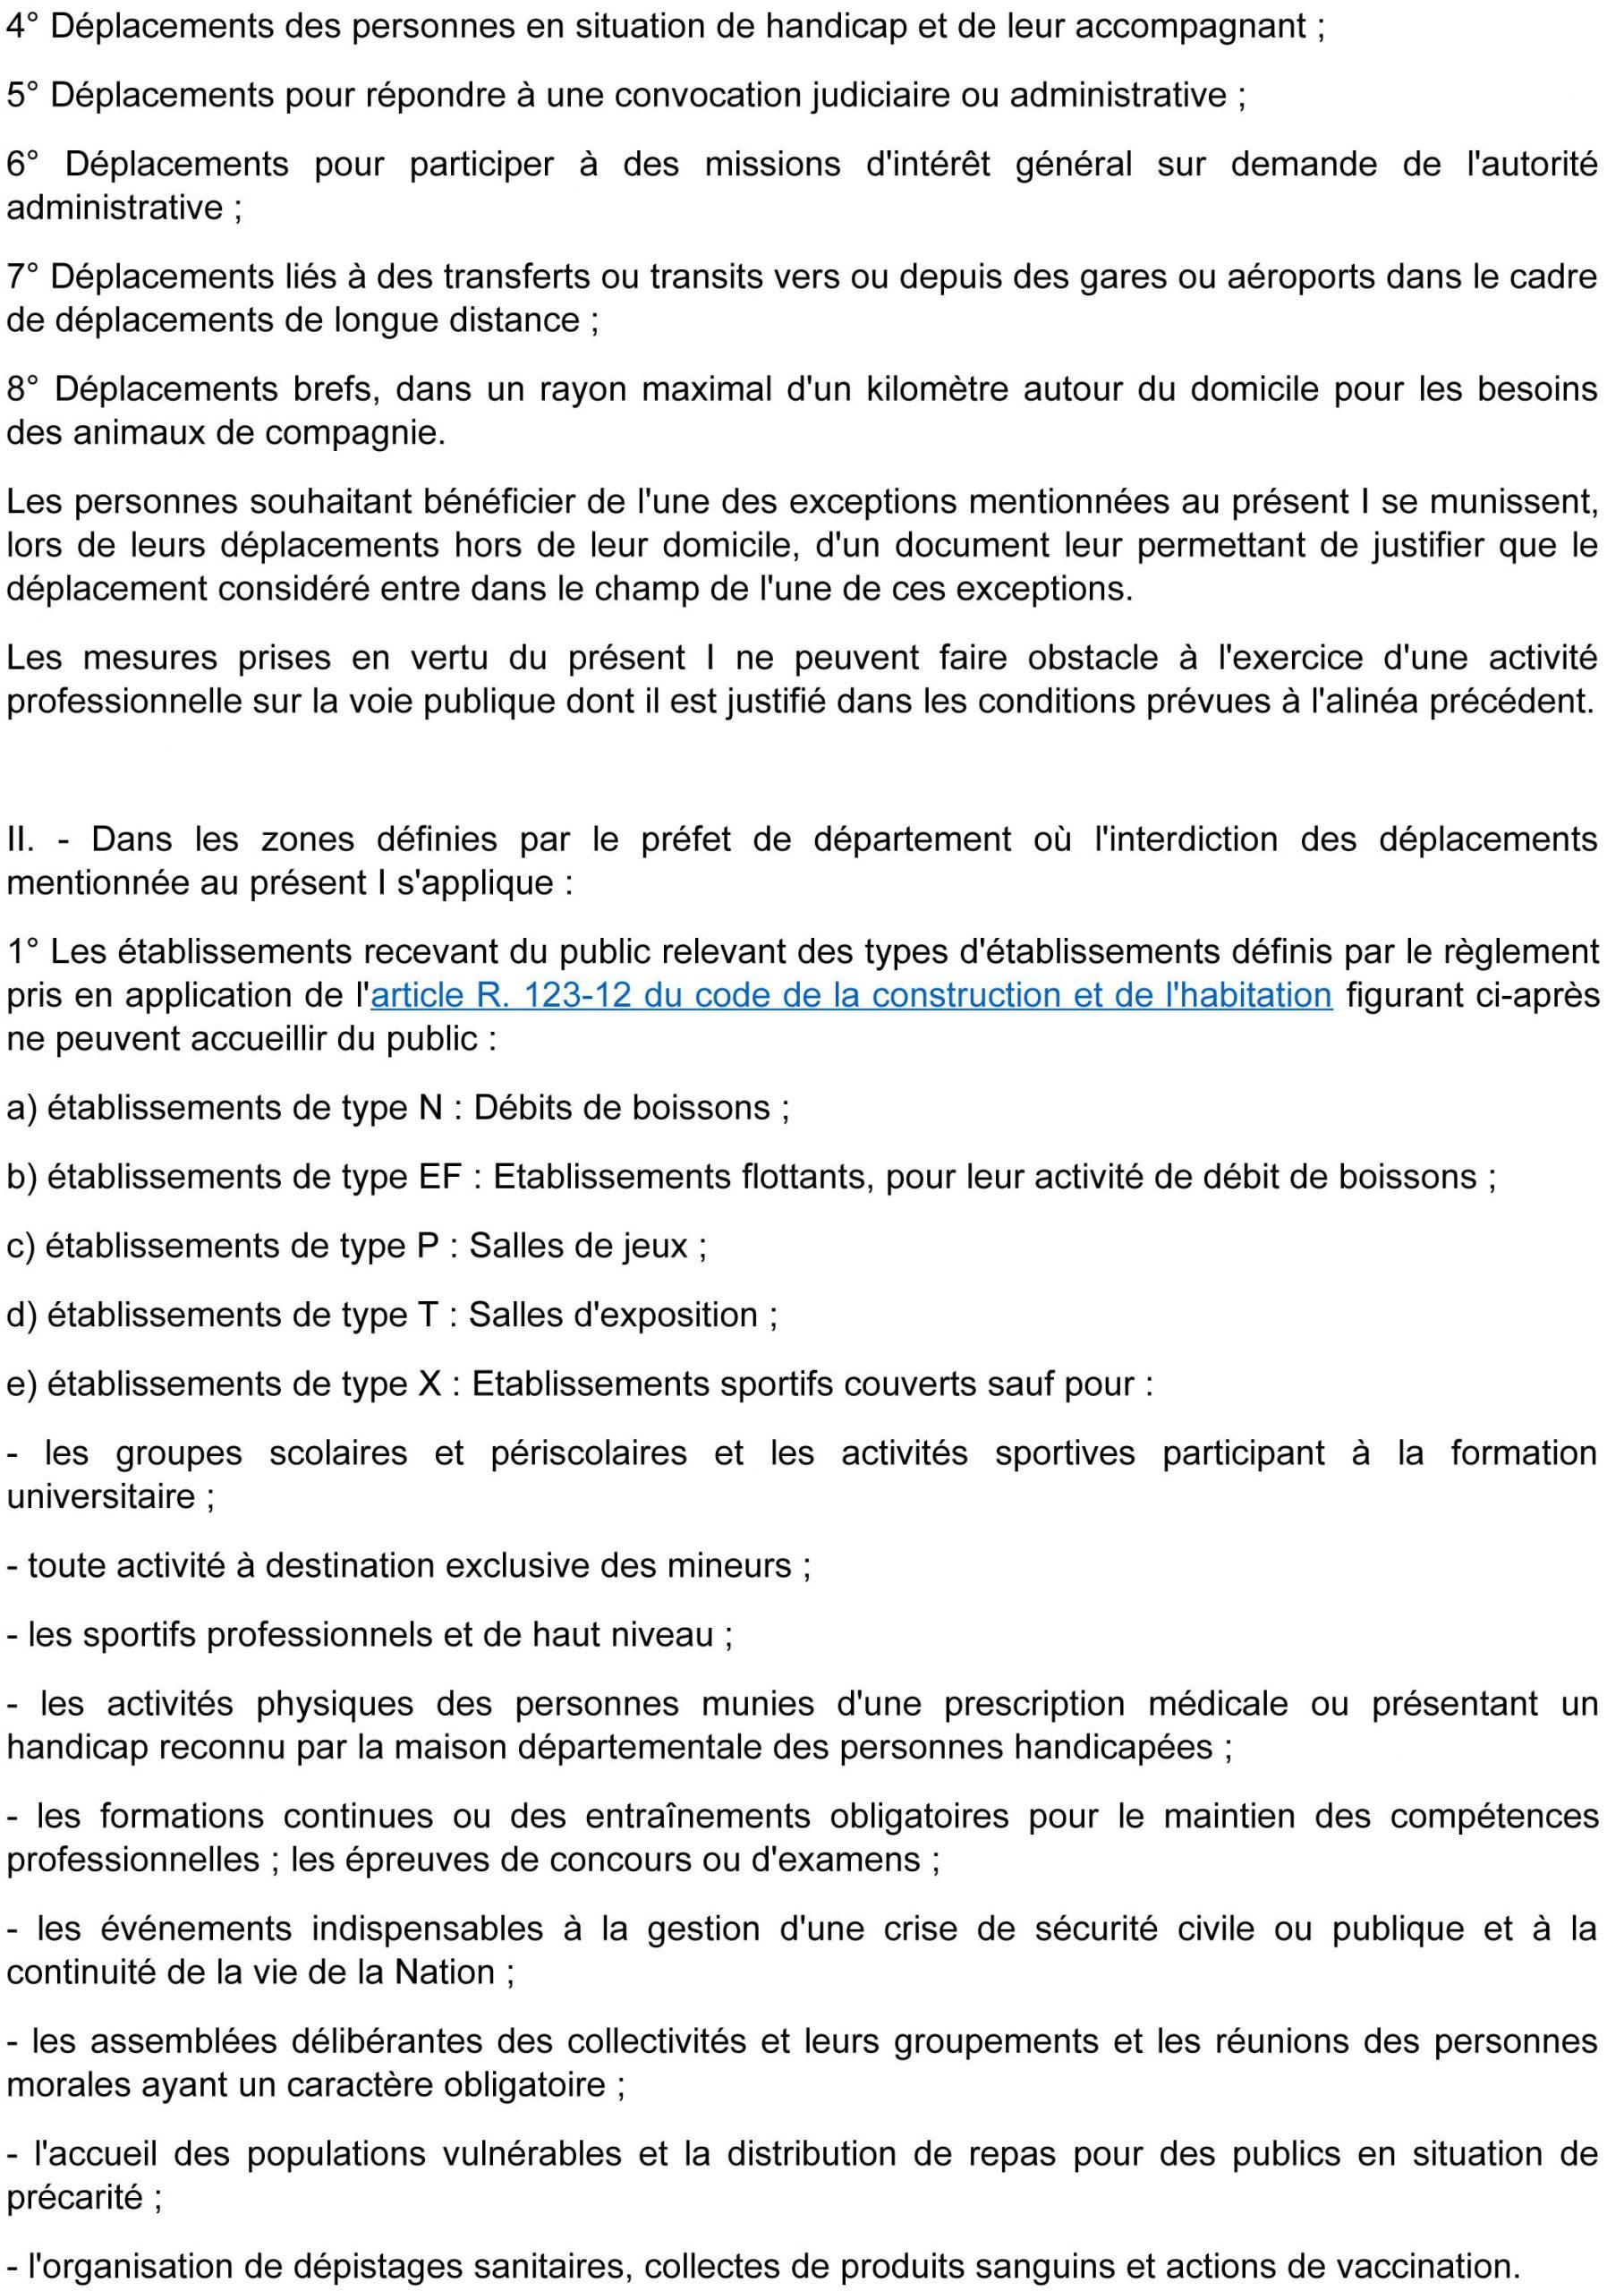 Arrete_prefectoral_du_24_octobre_2020-5